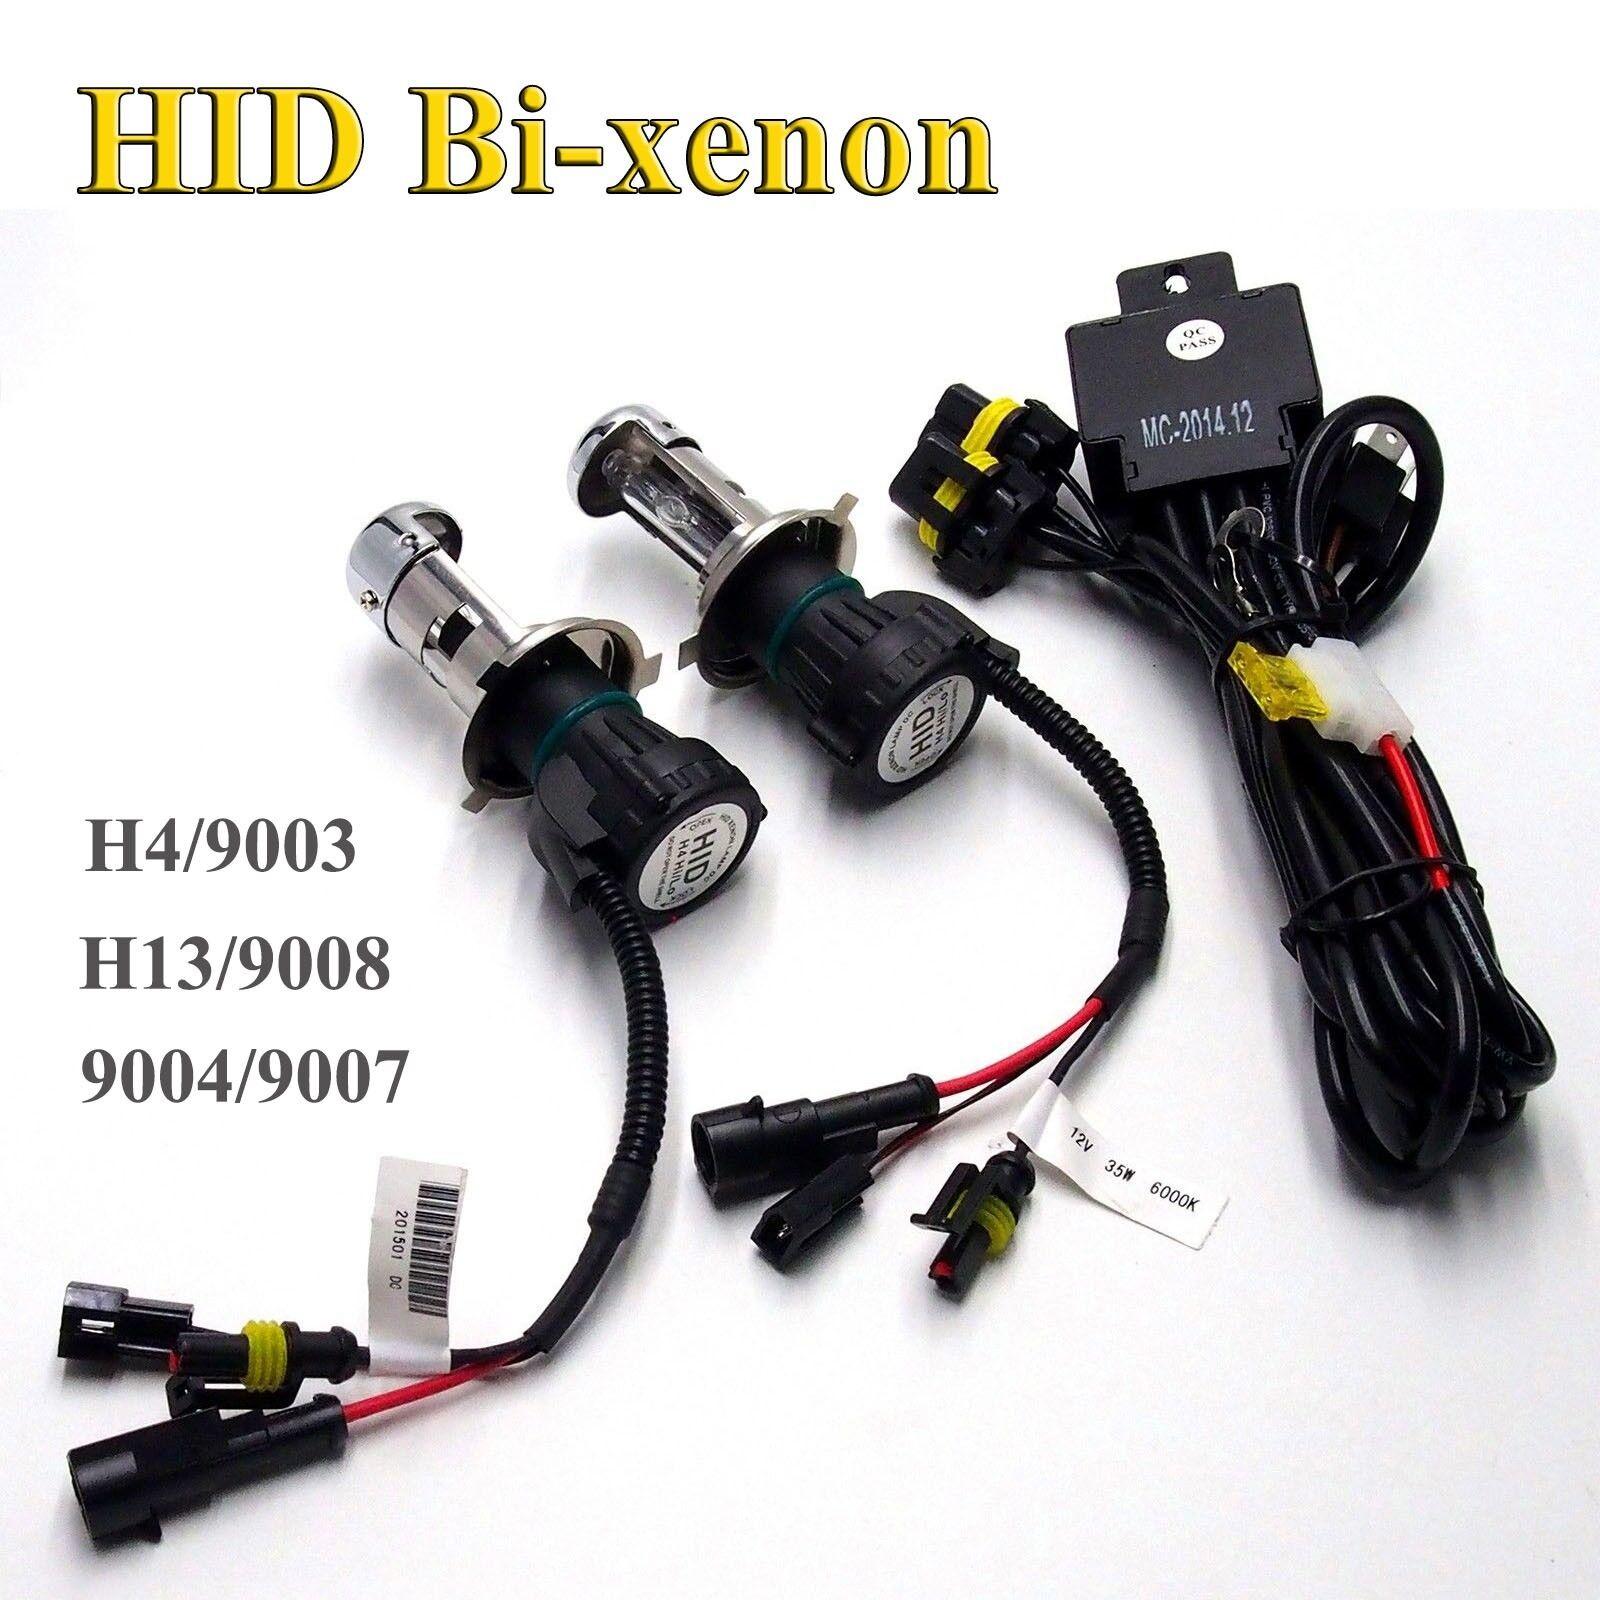 H4 Dual Beam Hid Wiring Diagram. . Wiring Diagram Hi Lo Beam Hid Wire Diagram on